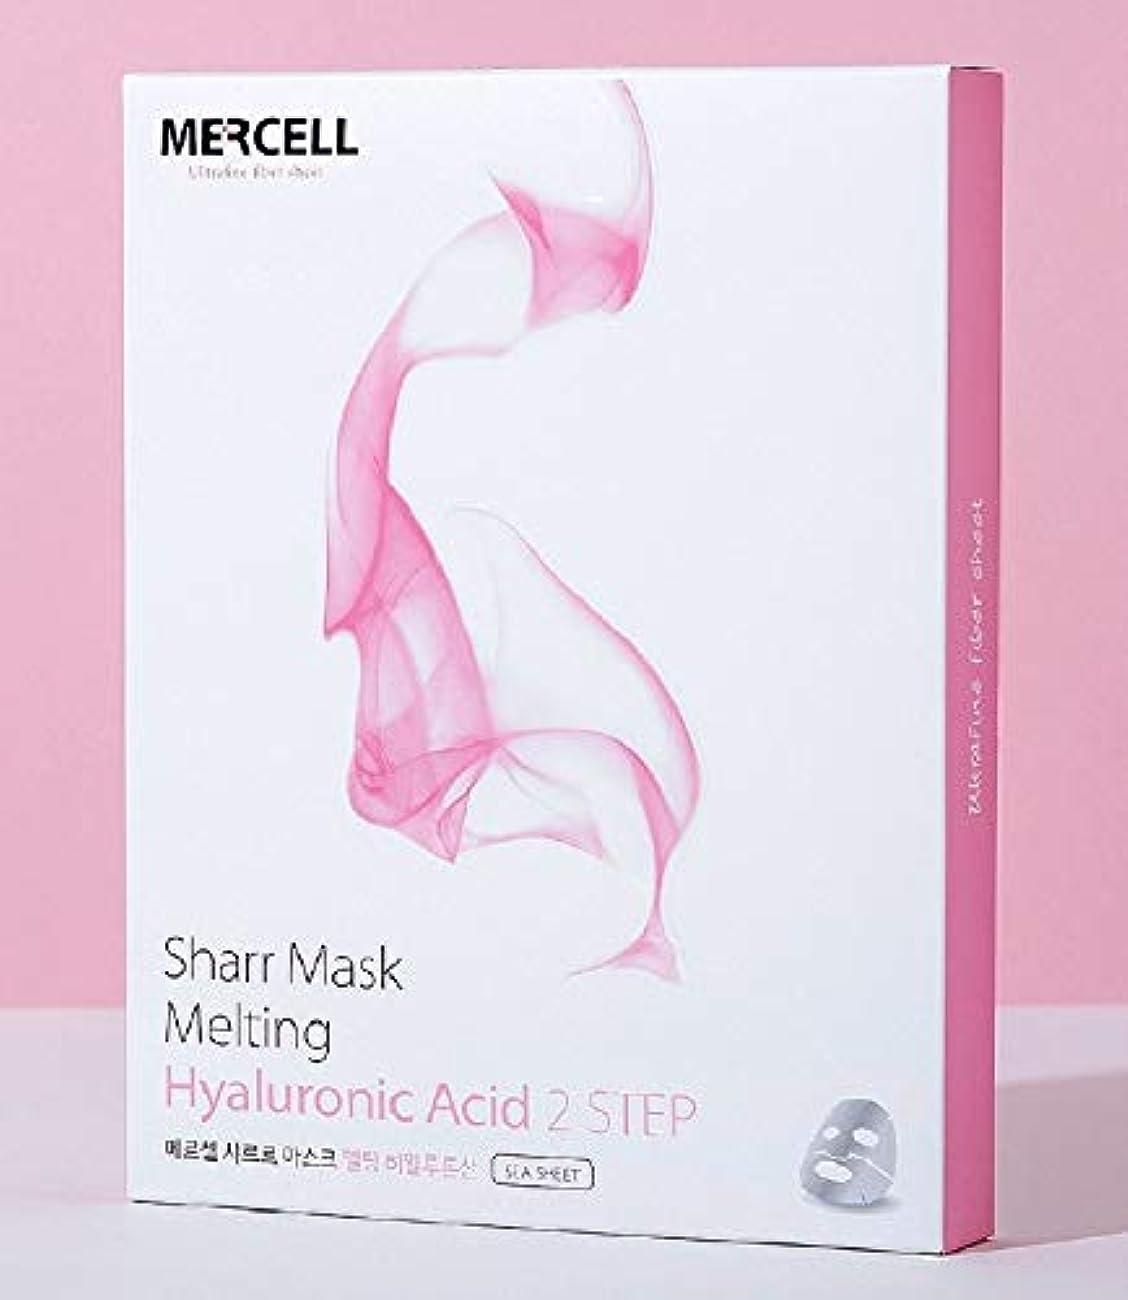 ラインナップ人生を作る人差し指溶けるマスクパック Mercell(メルセル) シャルルマスク メルティング ヒアルロン酸 1パック(5枚入り)